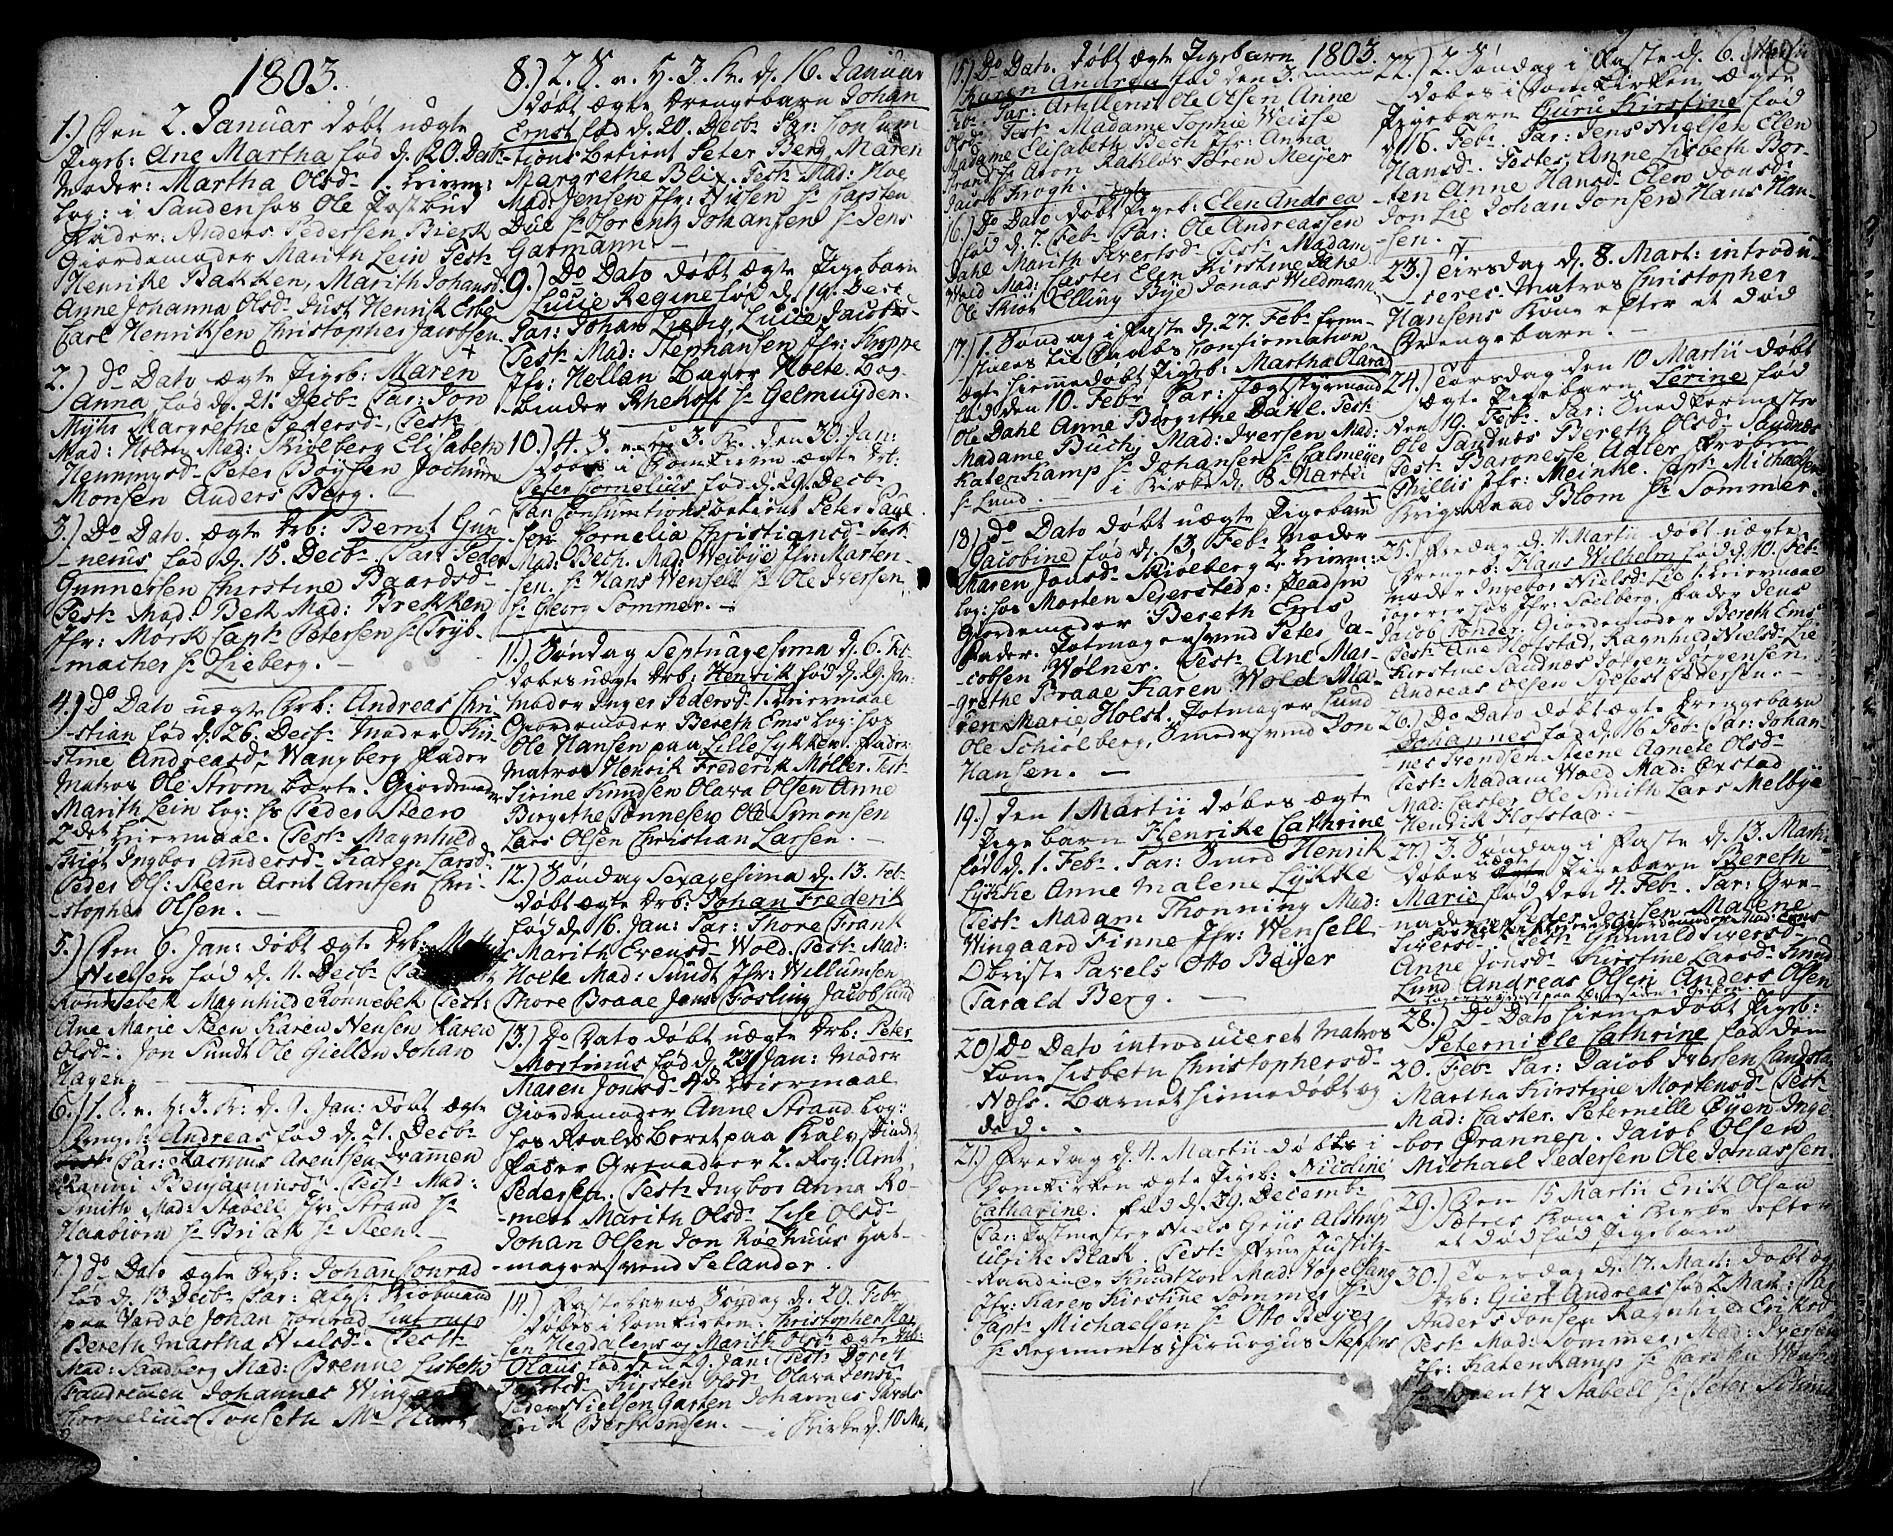 SAT, Ministerialprotokoller, klokkerbøker og fødselsregistre - Sør-Trøndelag, 601/L0039: Ministerialbok nr. 601A07, 1770-1819, s. 148